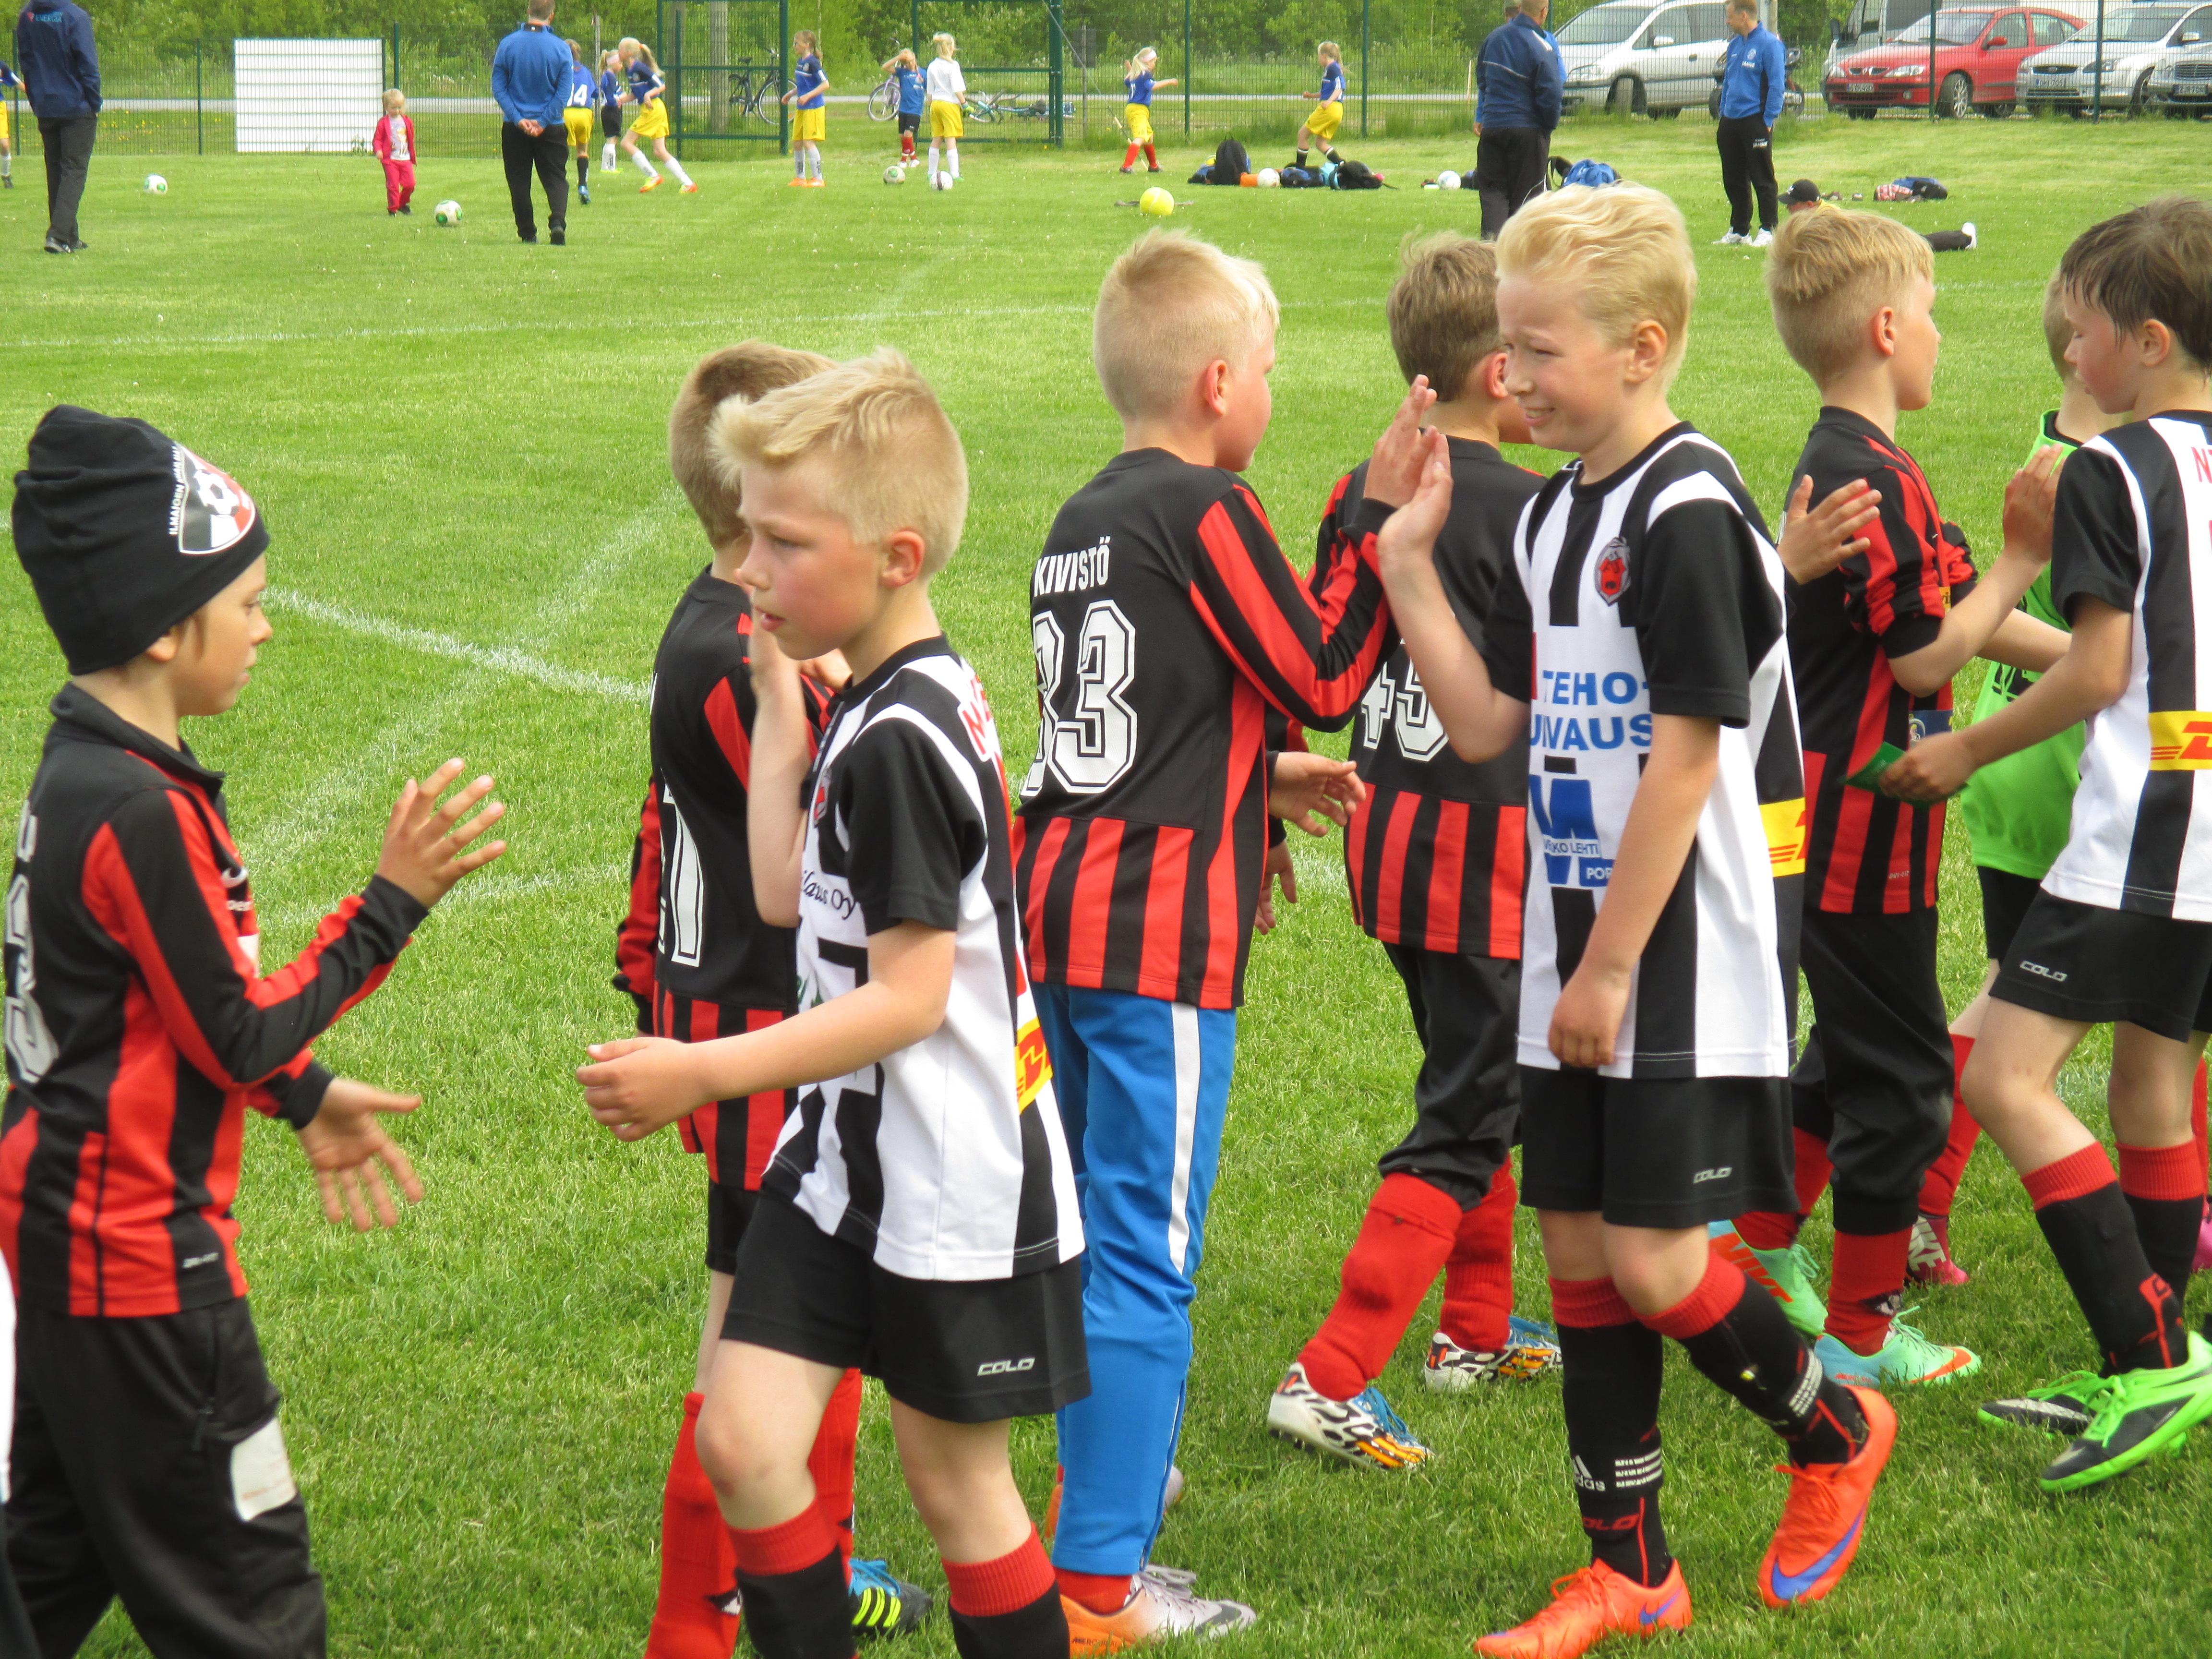 kauhajoki-cup-2015-068